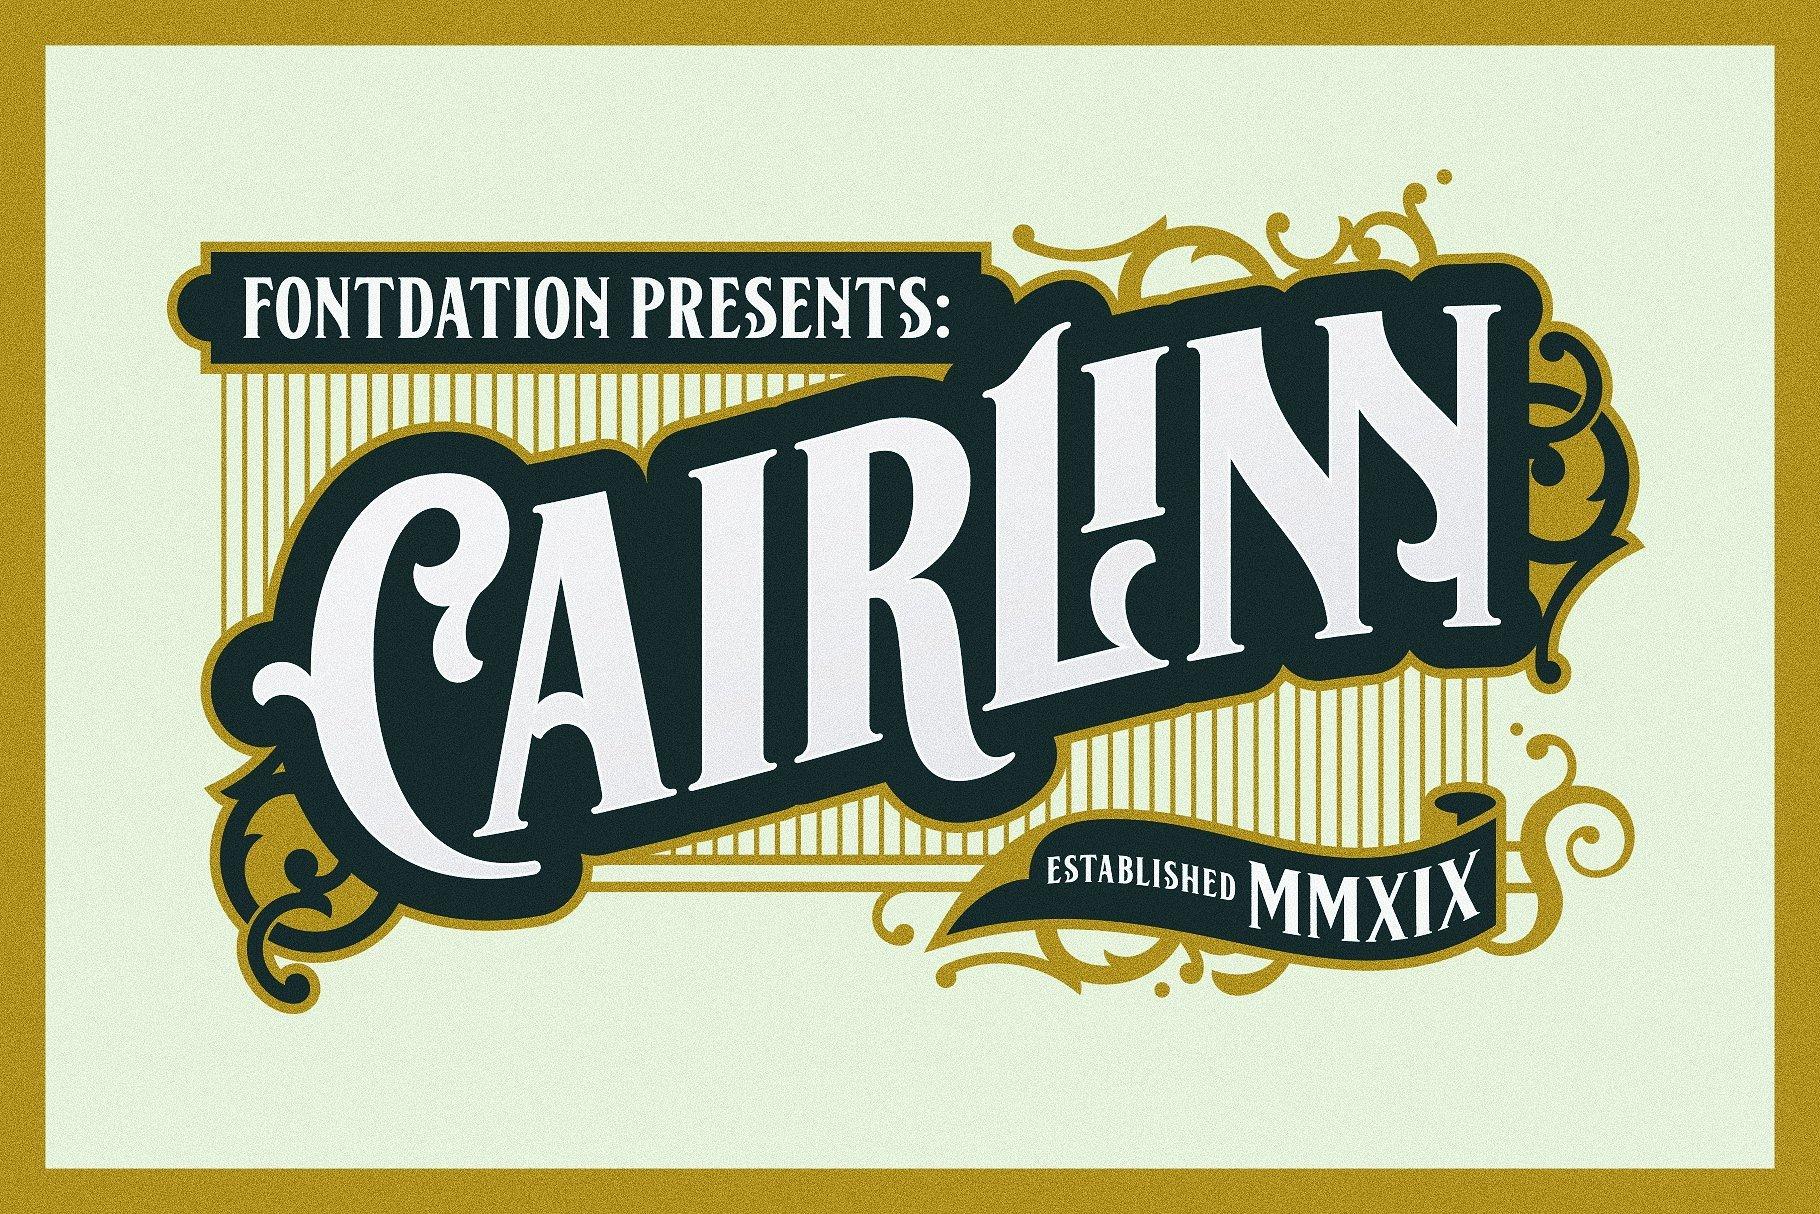 https://fontclarity.com/wp-content/uploads/2019/09/cairlinn-vintage-font-download-0.jpg Free Download